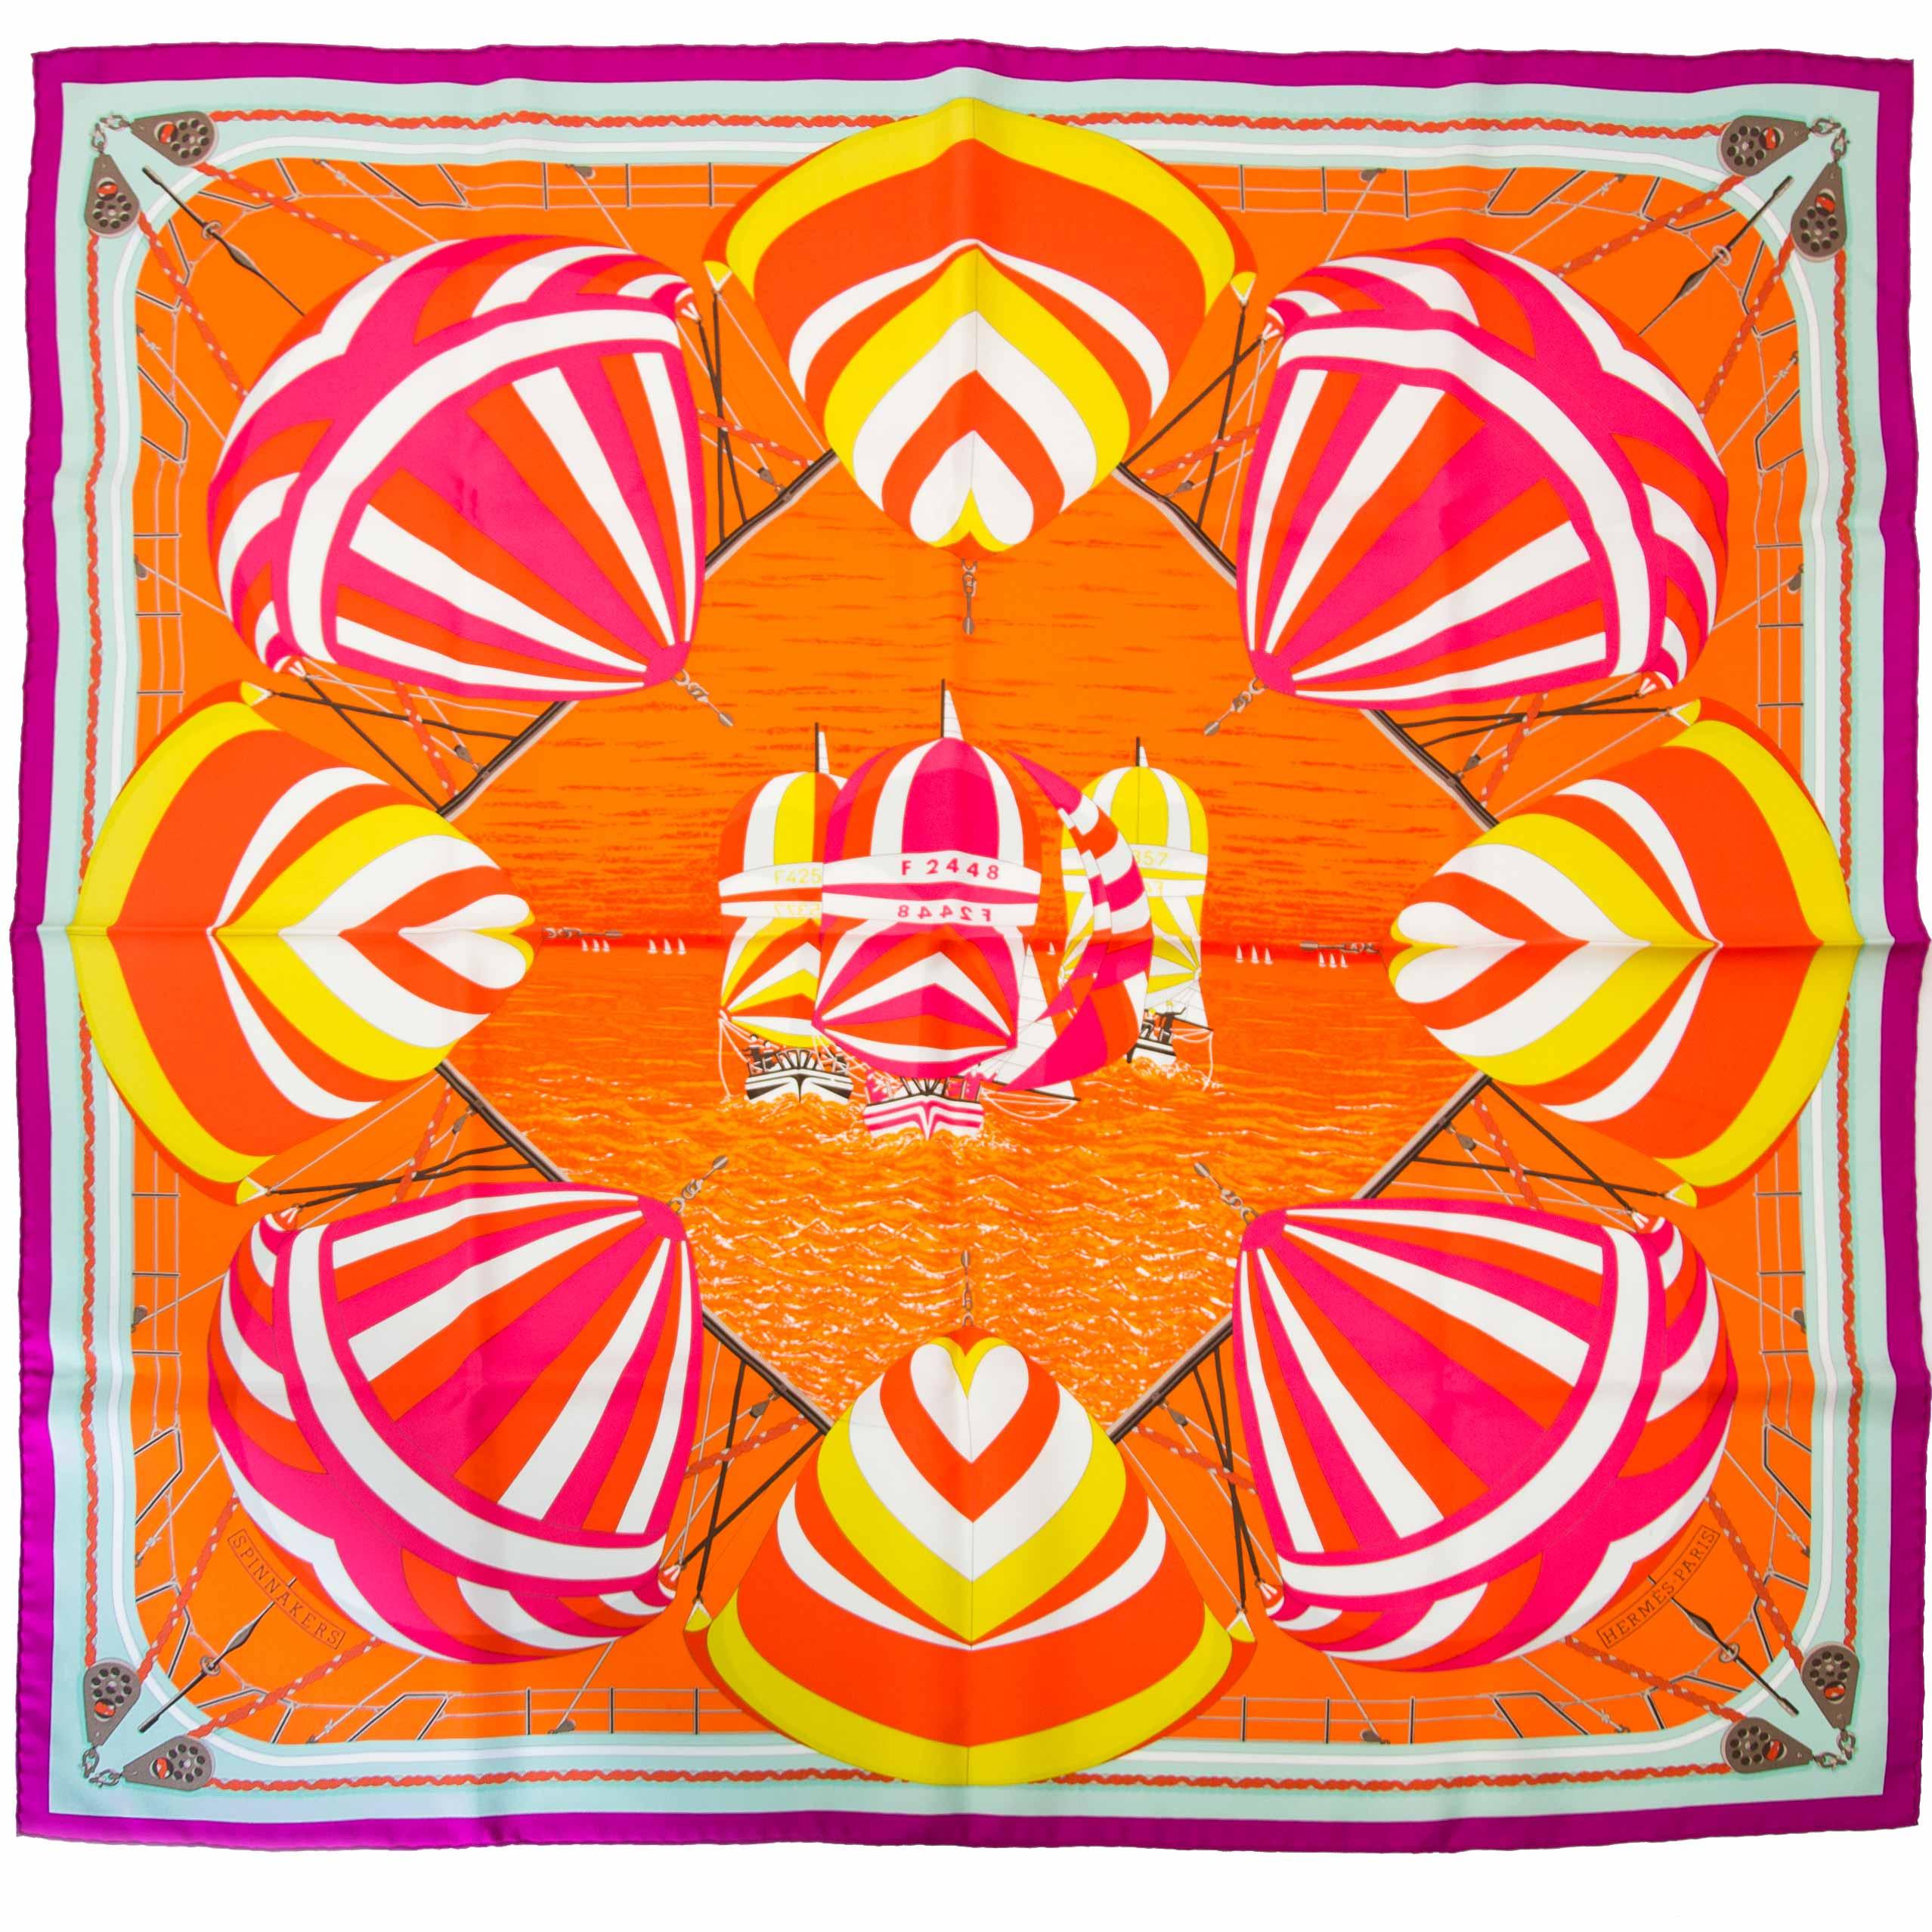 Hermes carré Spinnakkers acheter en ligne secondemain Hermes carré